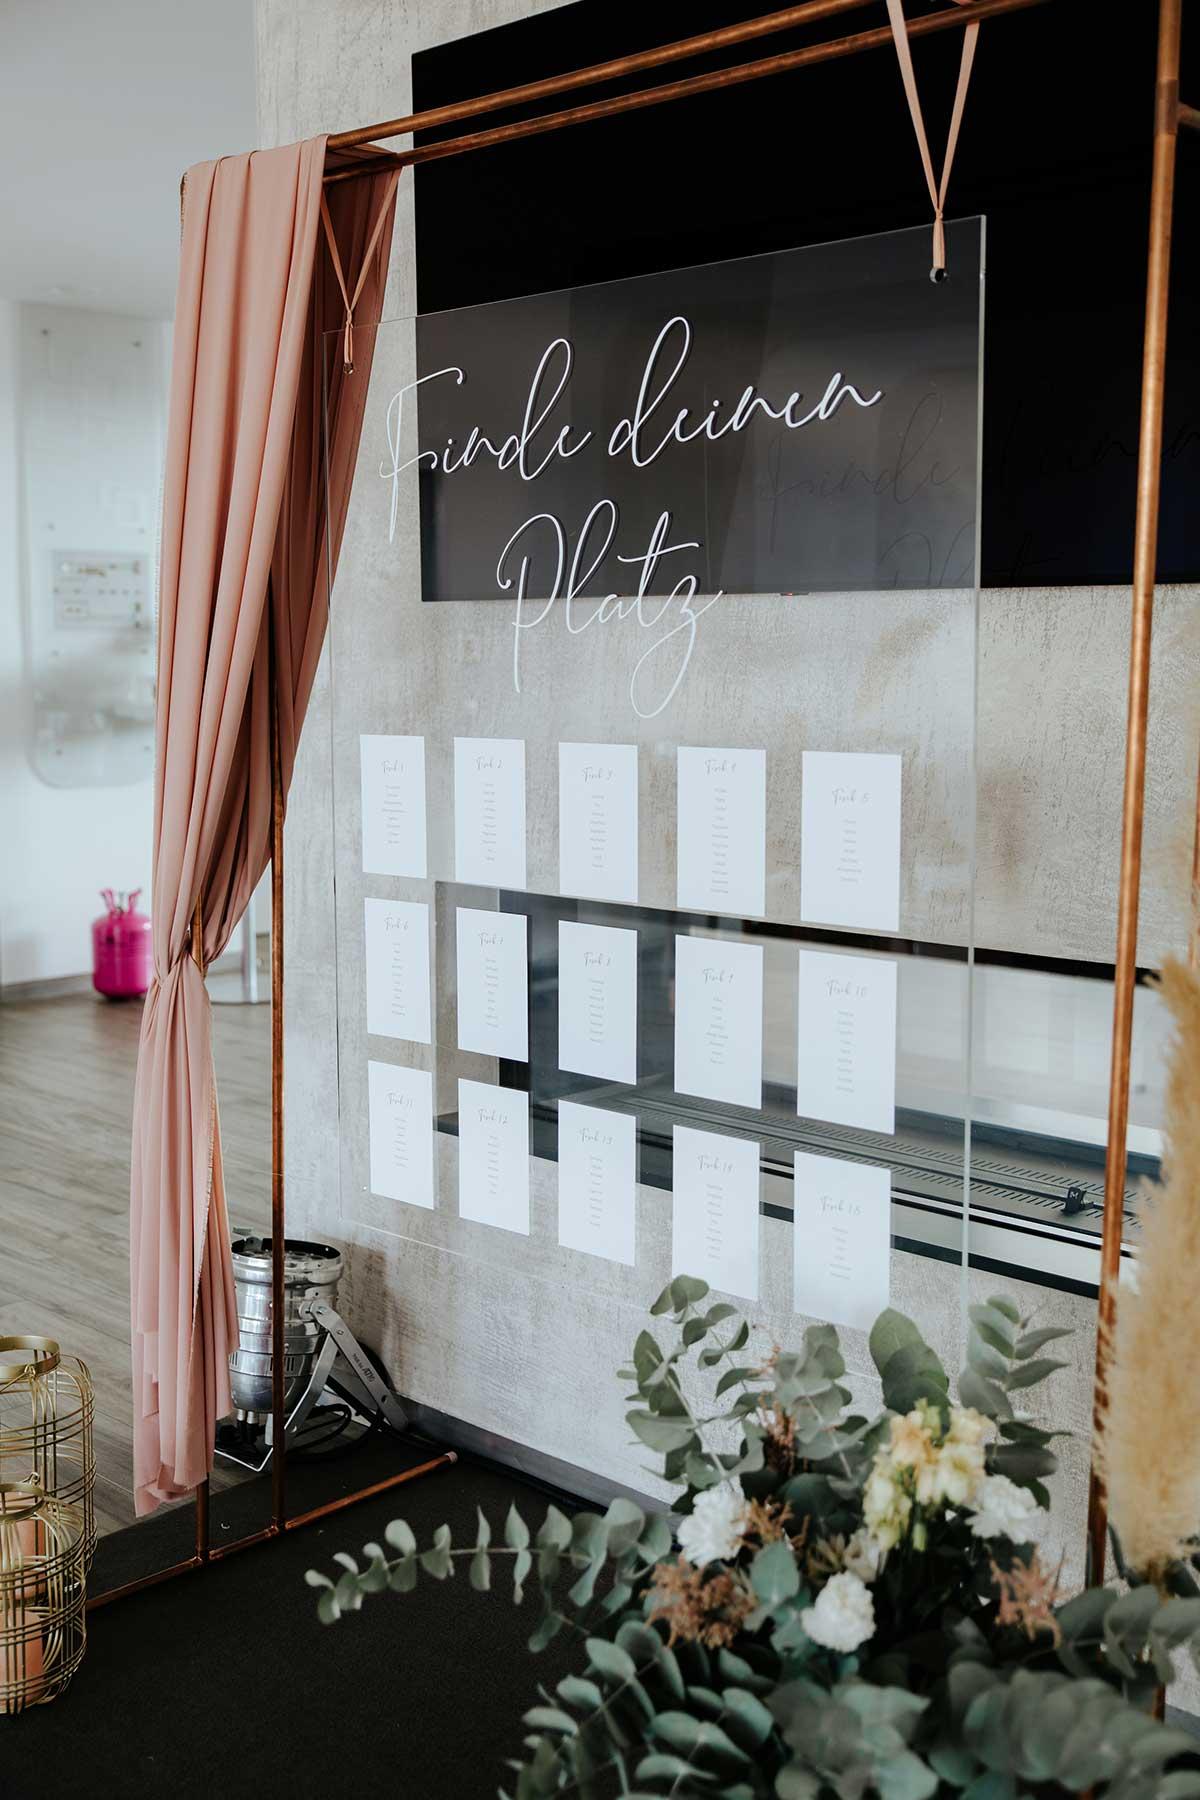 Sitzplan aus Acryl bei der Hochzeit